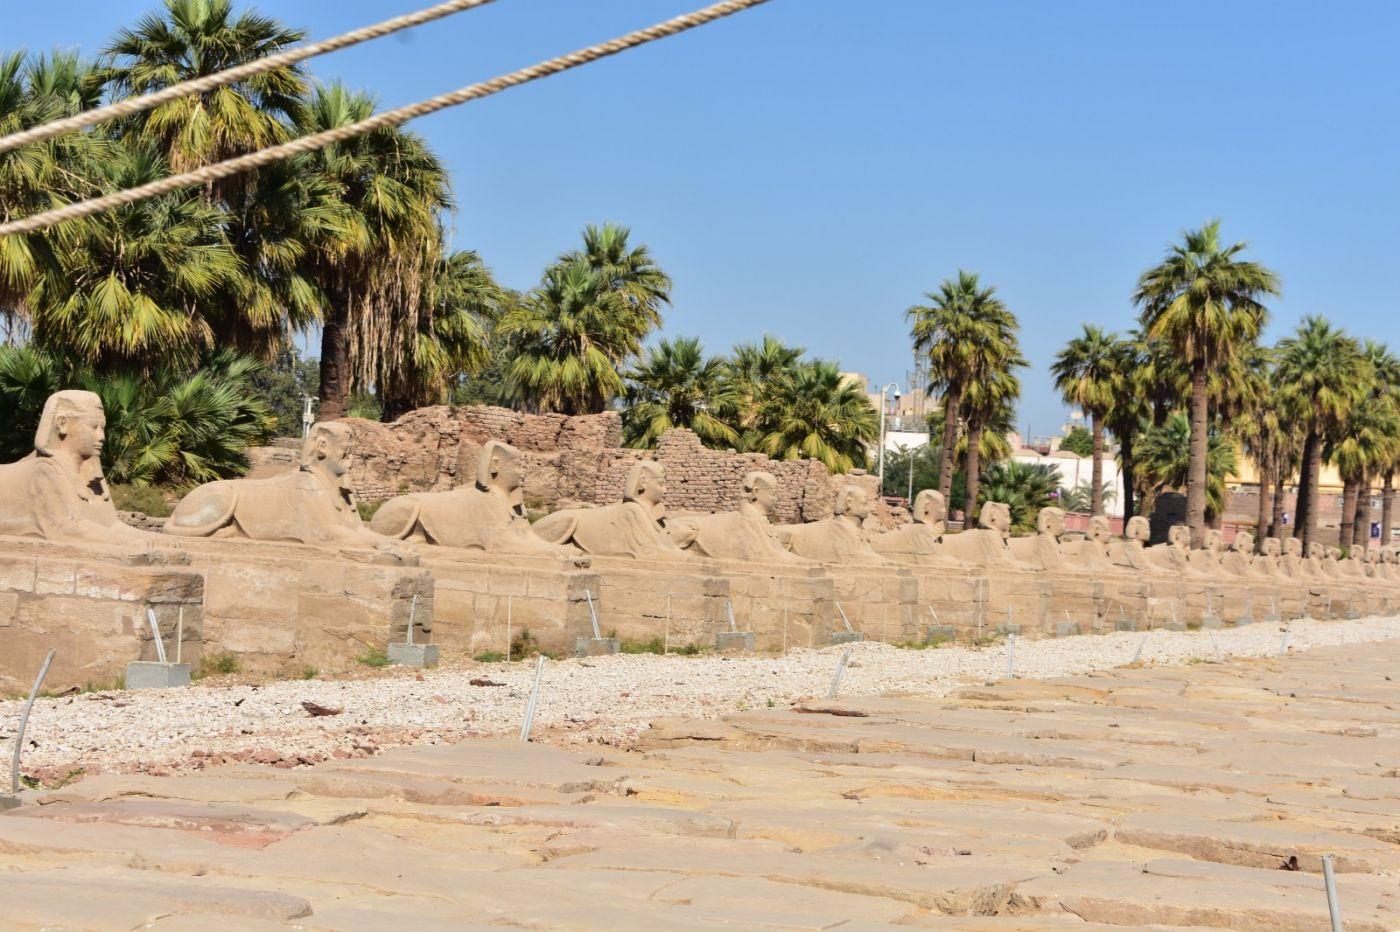 埃德富神庙和卢克索神庙_图1-20